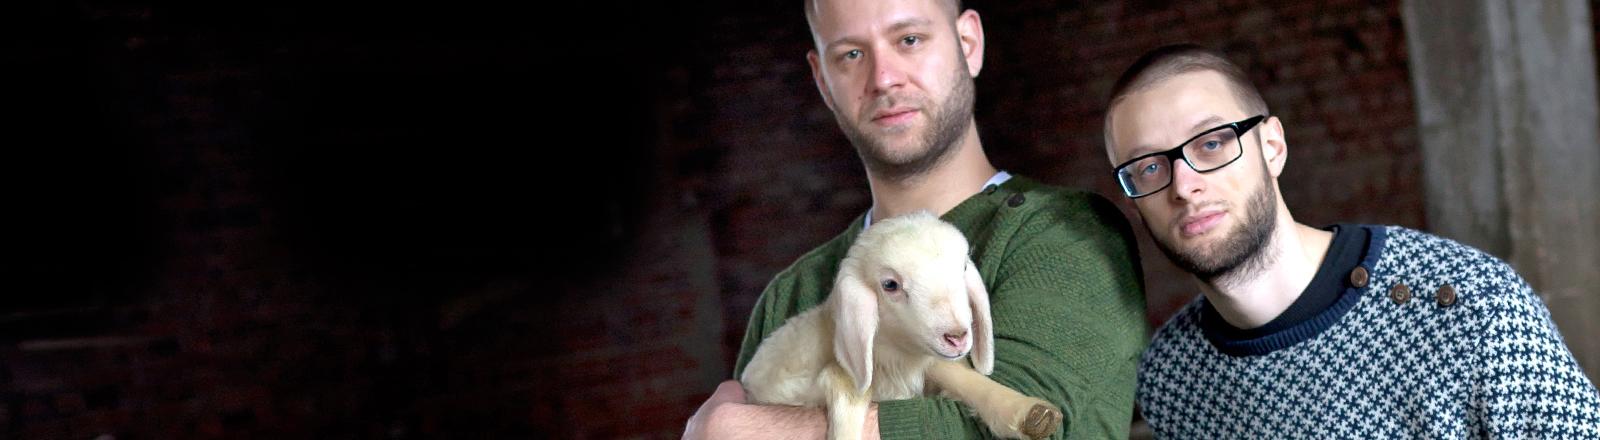 Jakob und Bene von der Band Schlachthofbronx stehen auf einem Pressefoto mit Schäfchen nebeneinander.